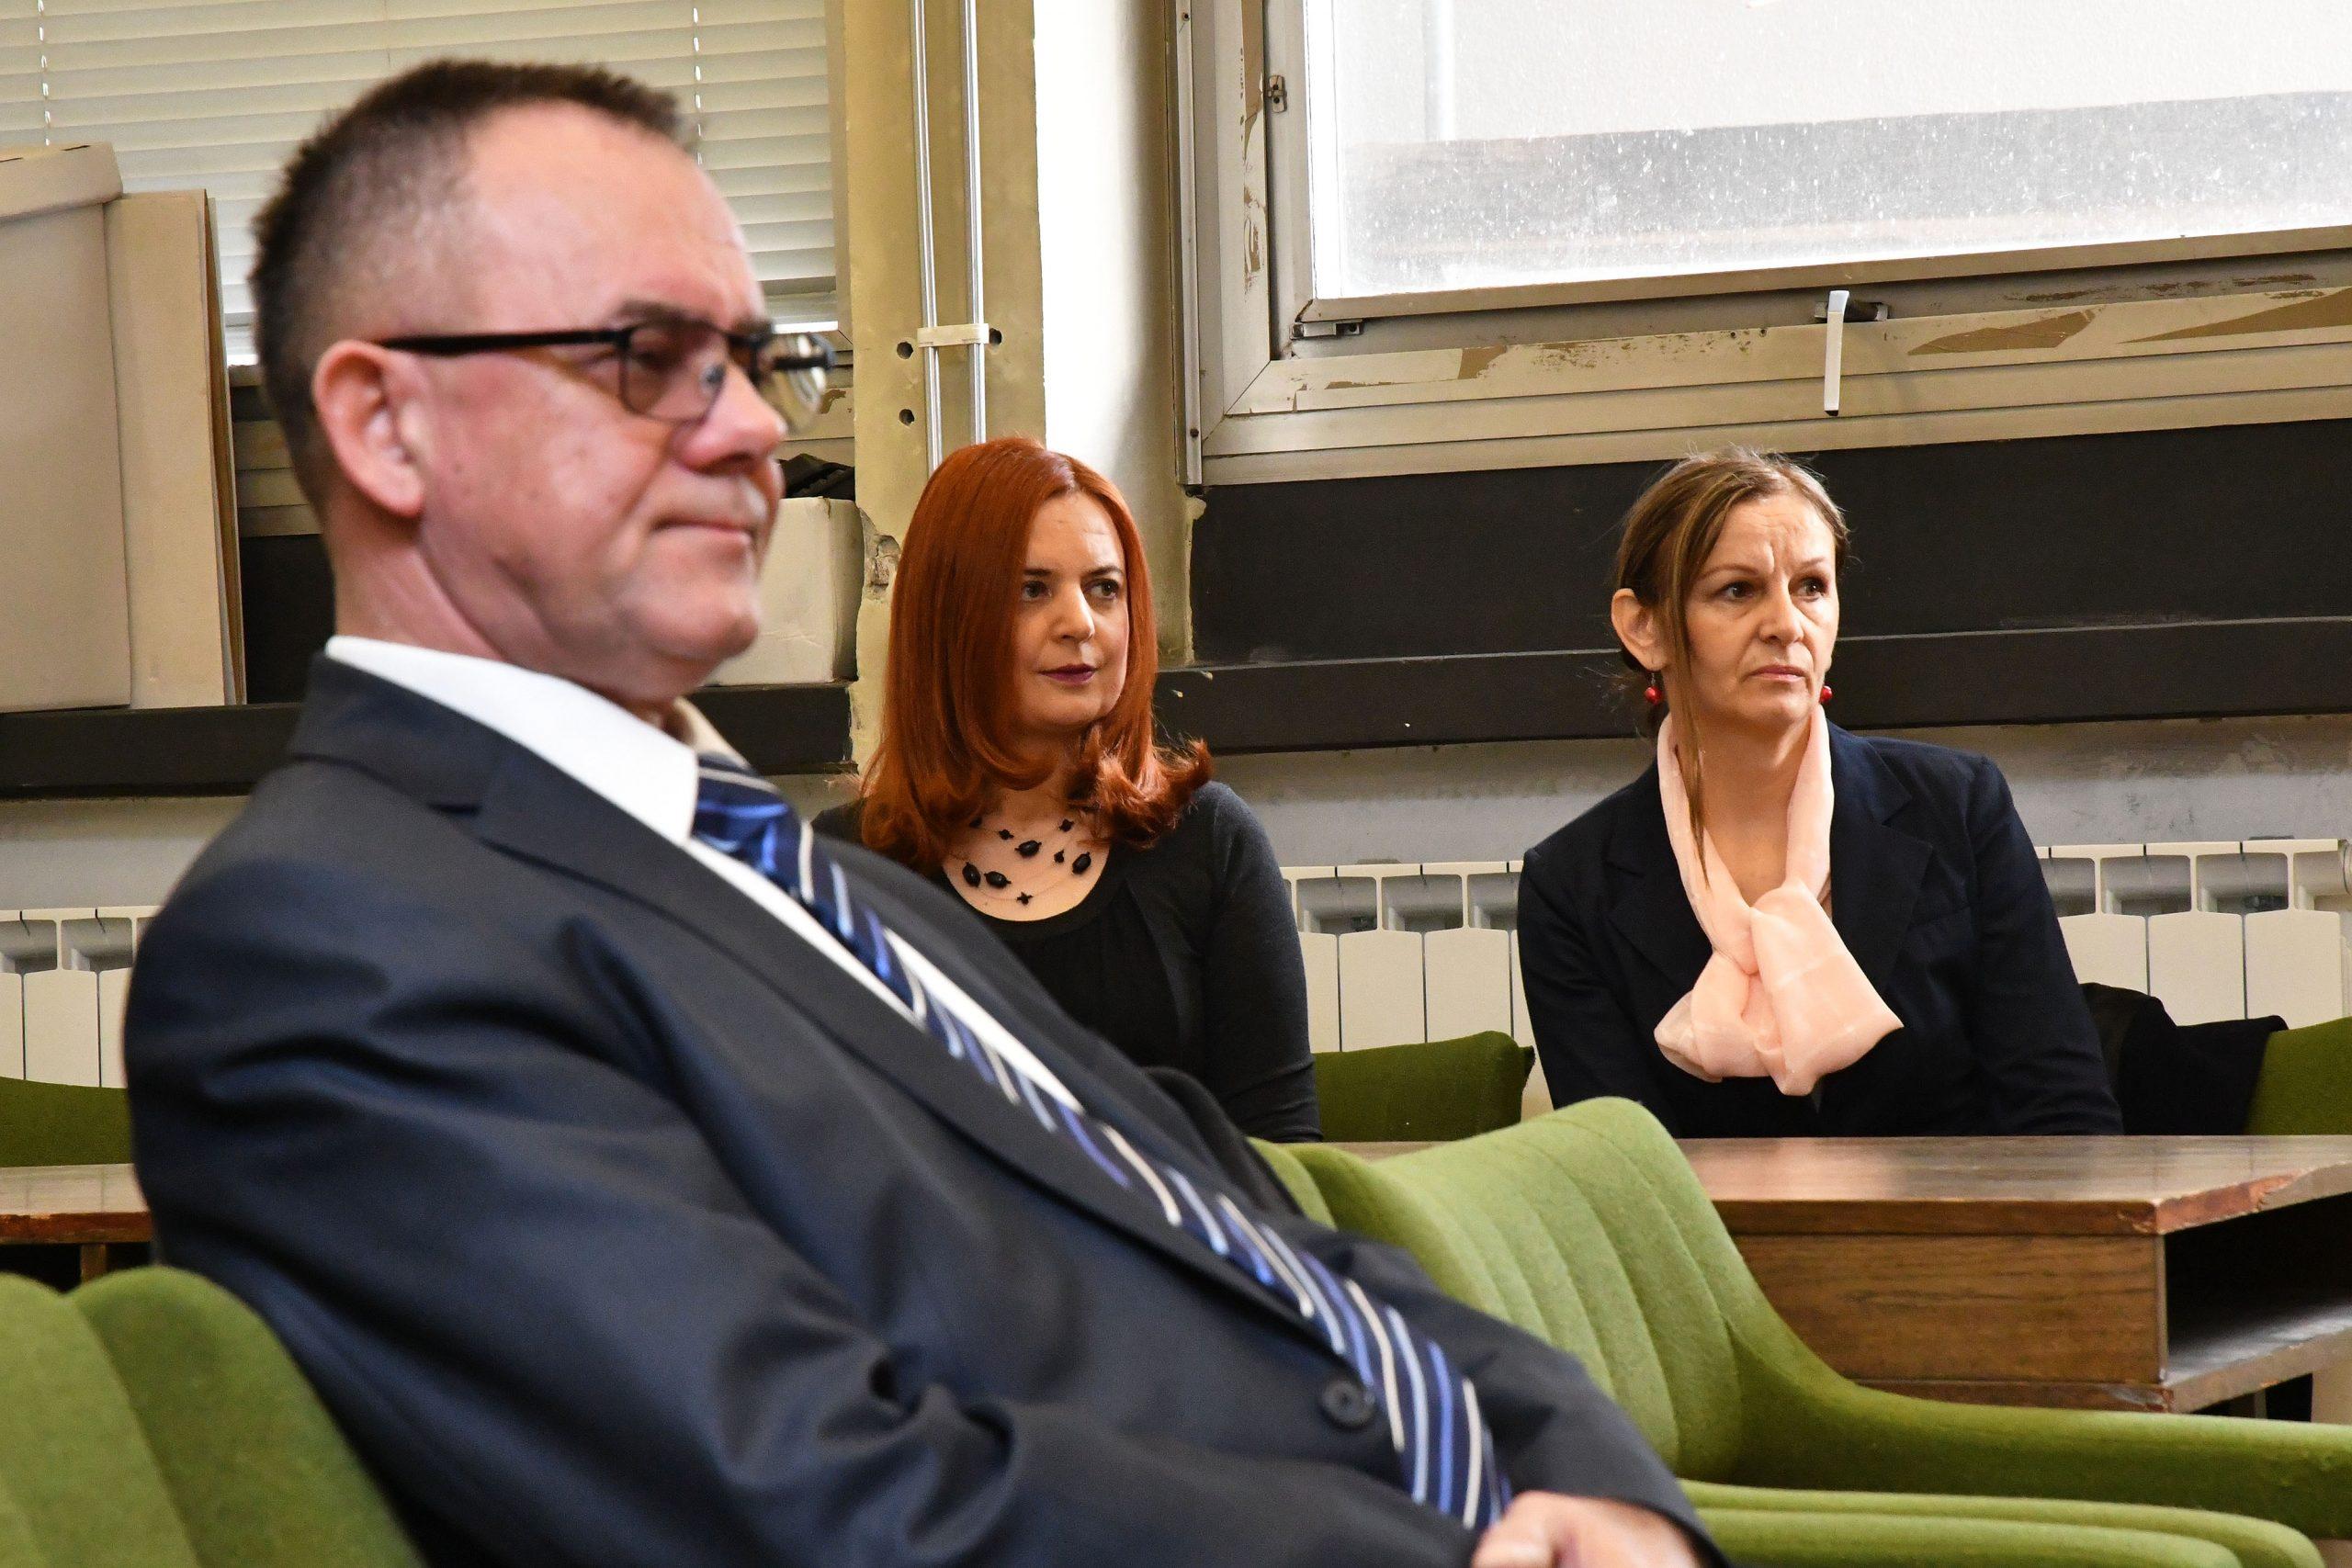 : Zbog obiteljskog nasilja požeško-slavonski župan Alojz Tomašević neće se moći kandidirati na izborima / Photo: Ivica Galovic/PIXSELL